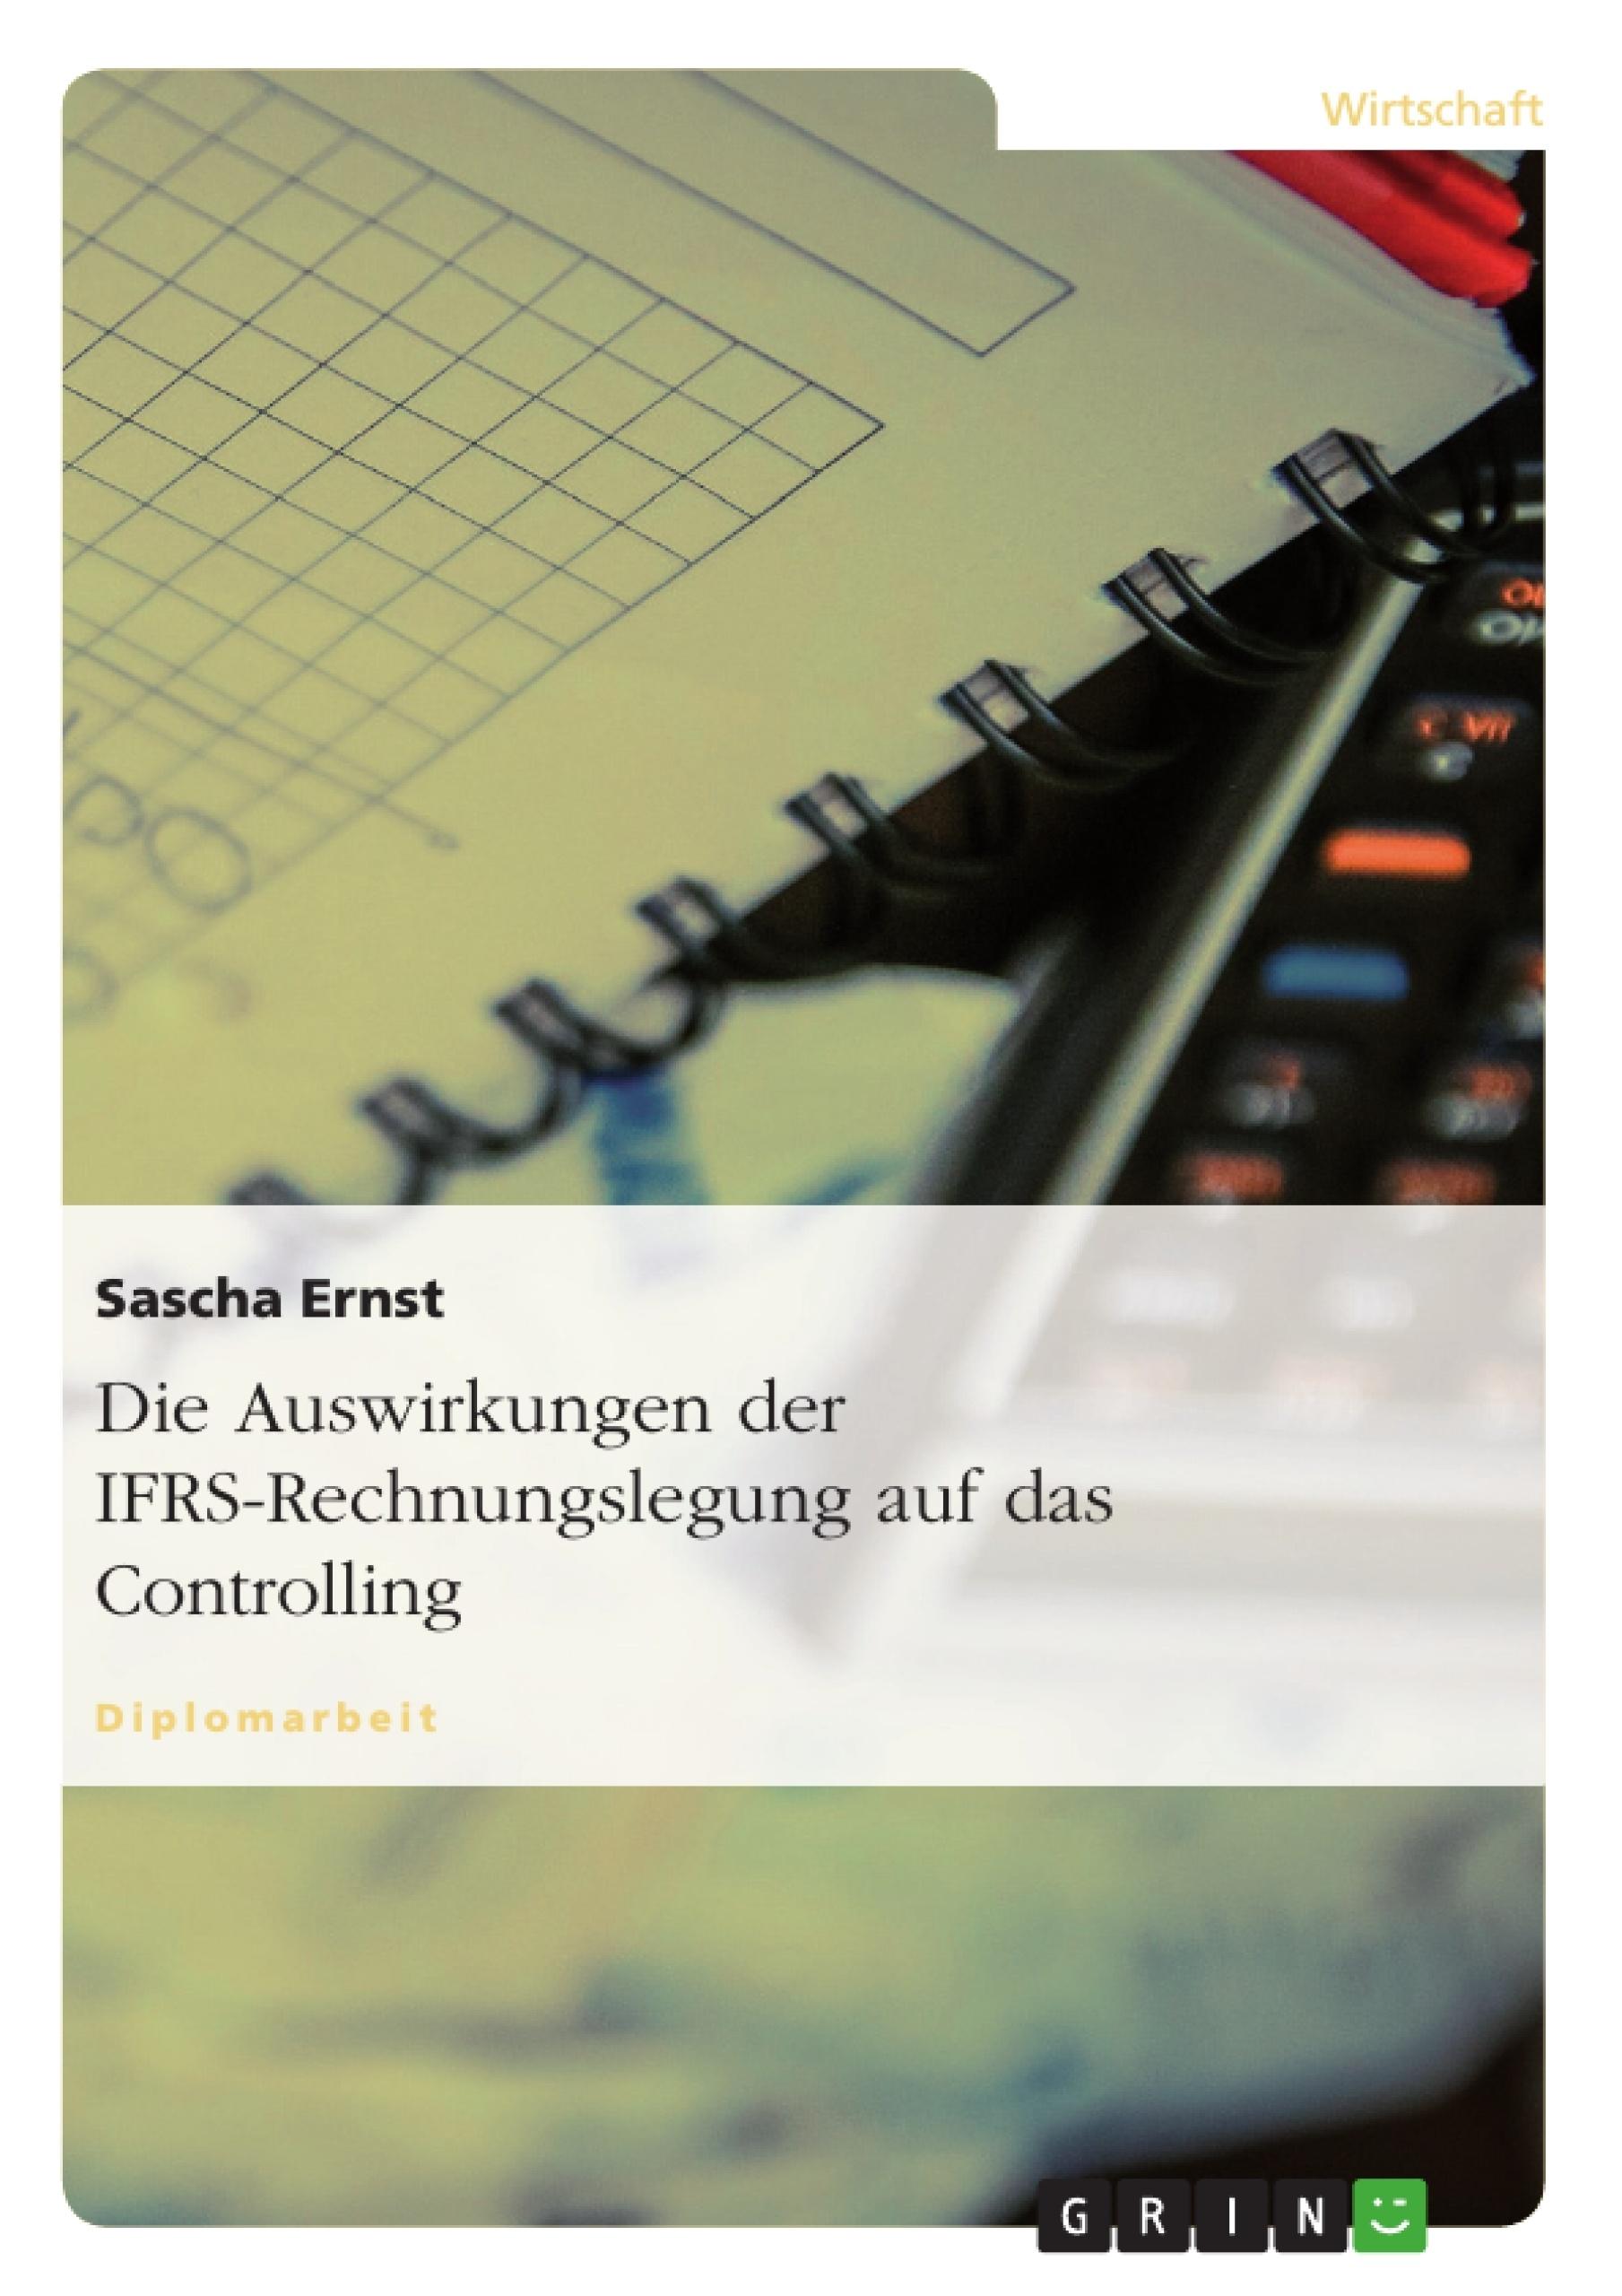 Titel: Die Auswirkungen der IFRS-Rechnungslegung auf das Controlling